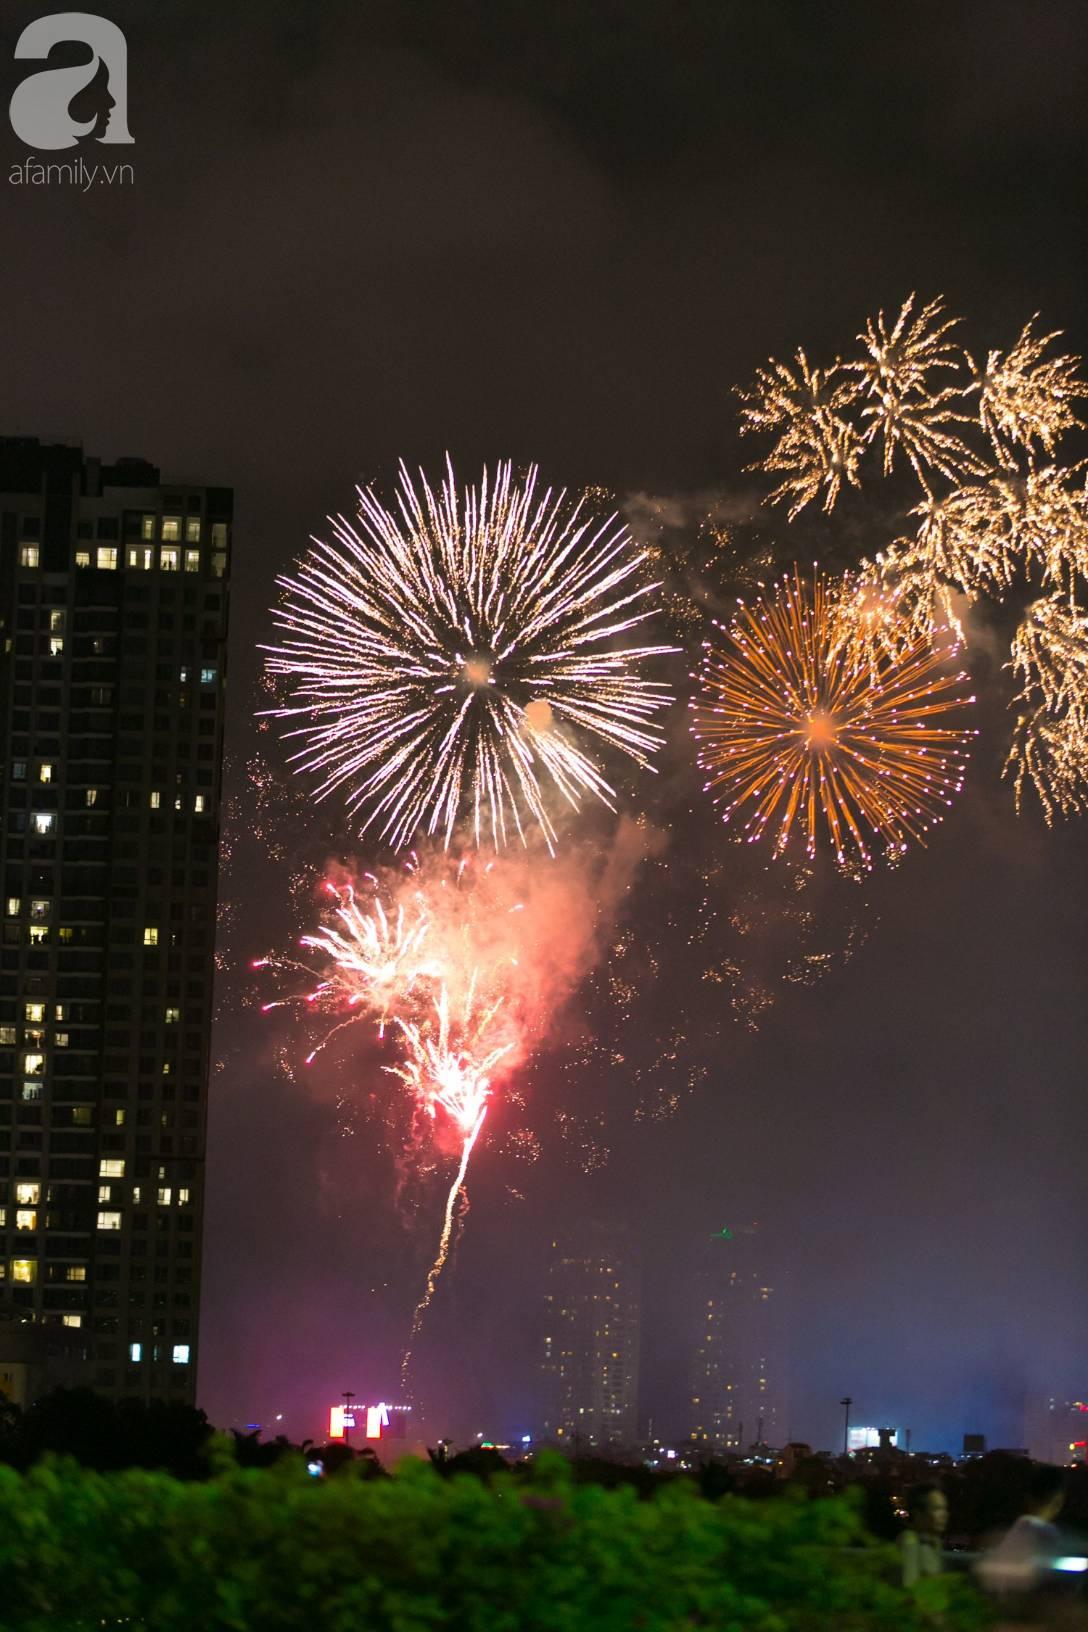 Khoảnh khắc bầu trời Sài Gòn rực sáng trong màn trình diễn pháo hoa tuyệt đẹp mừng lễ Quốc khánh 2/9-1